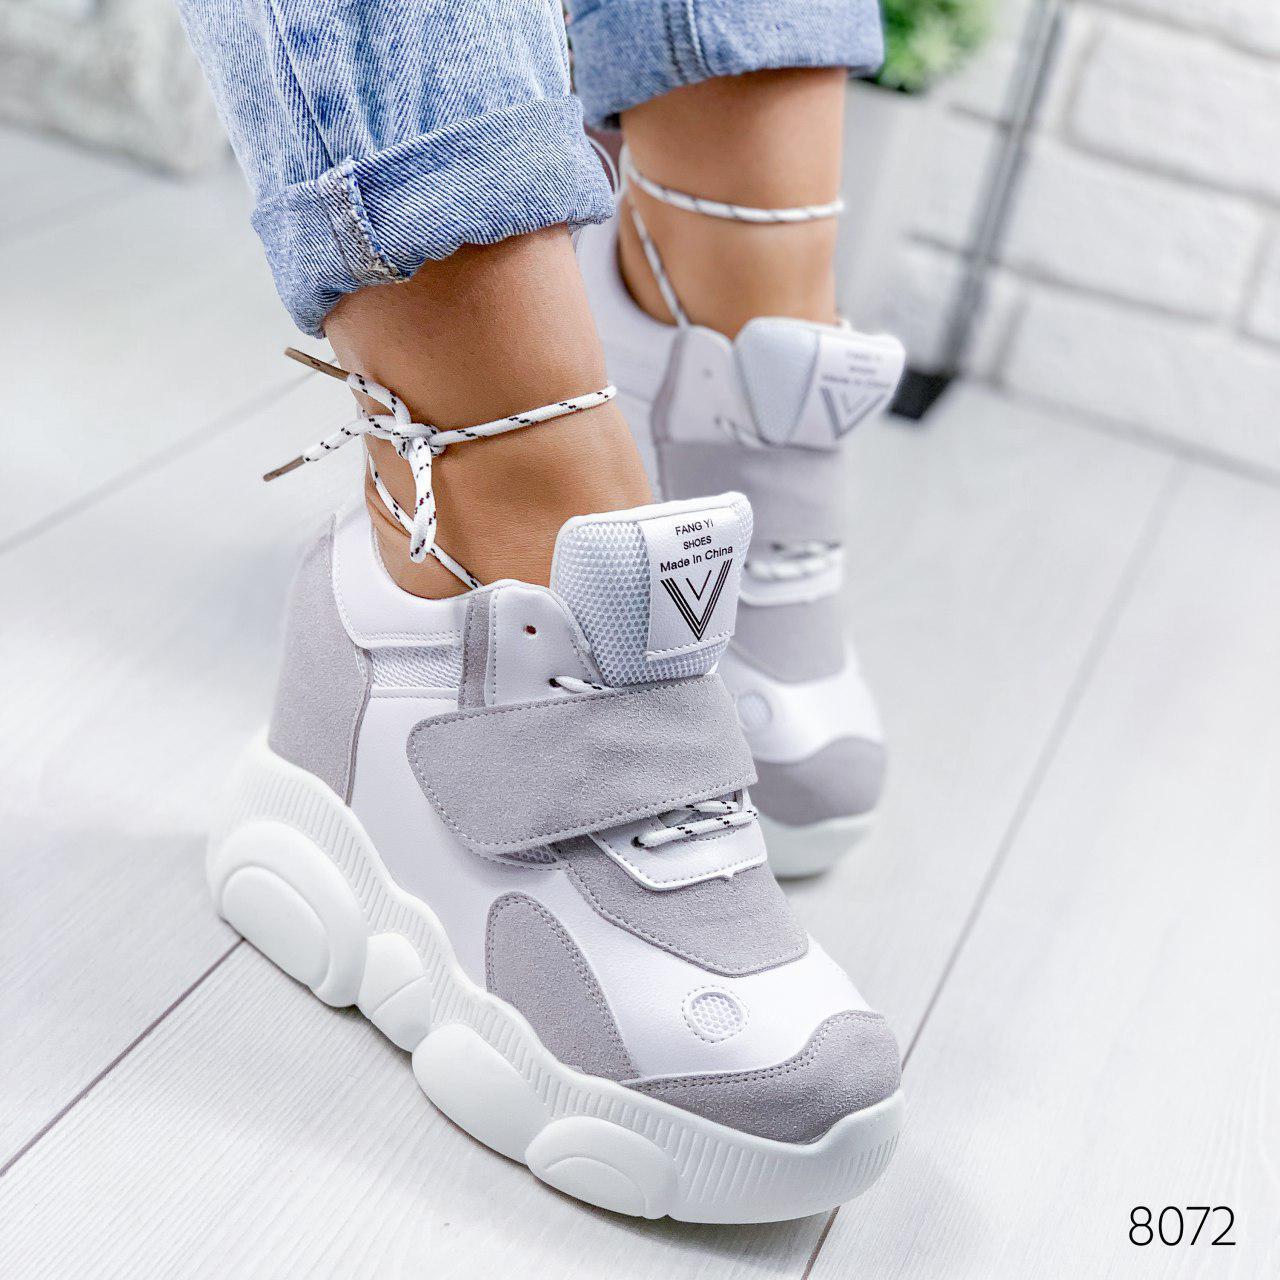 """Кросівки жіночі """"Lowos"""" сірого кольору з еко замші. Кеди жіночі. Мокасини жіночі. Взуття жіноче"""